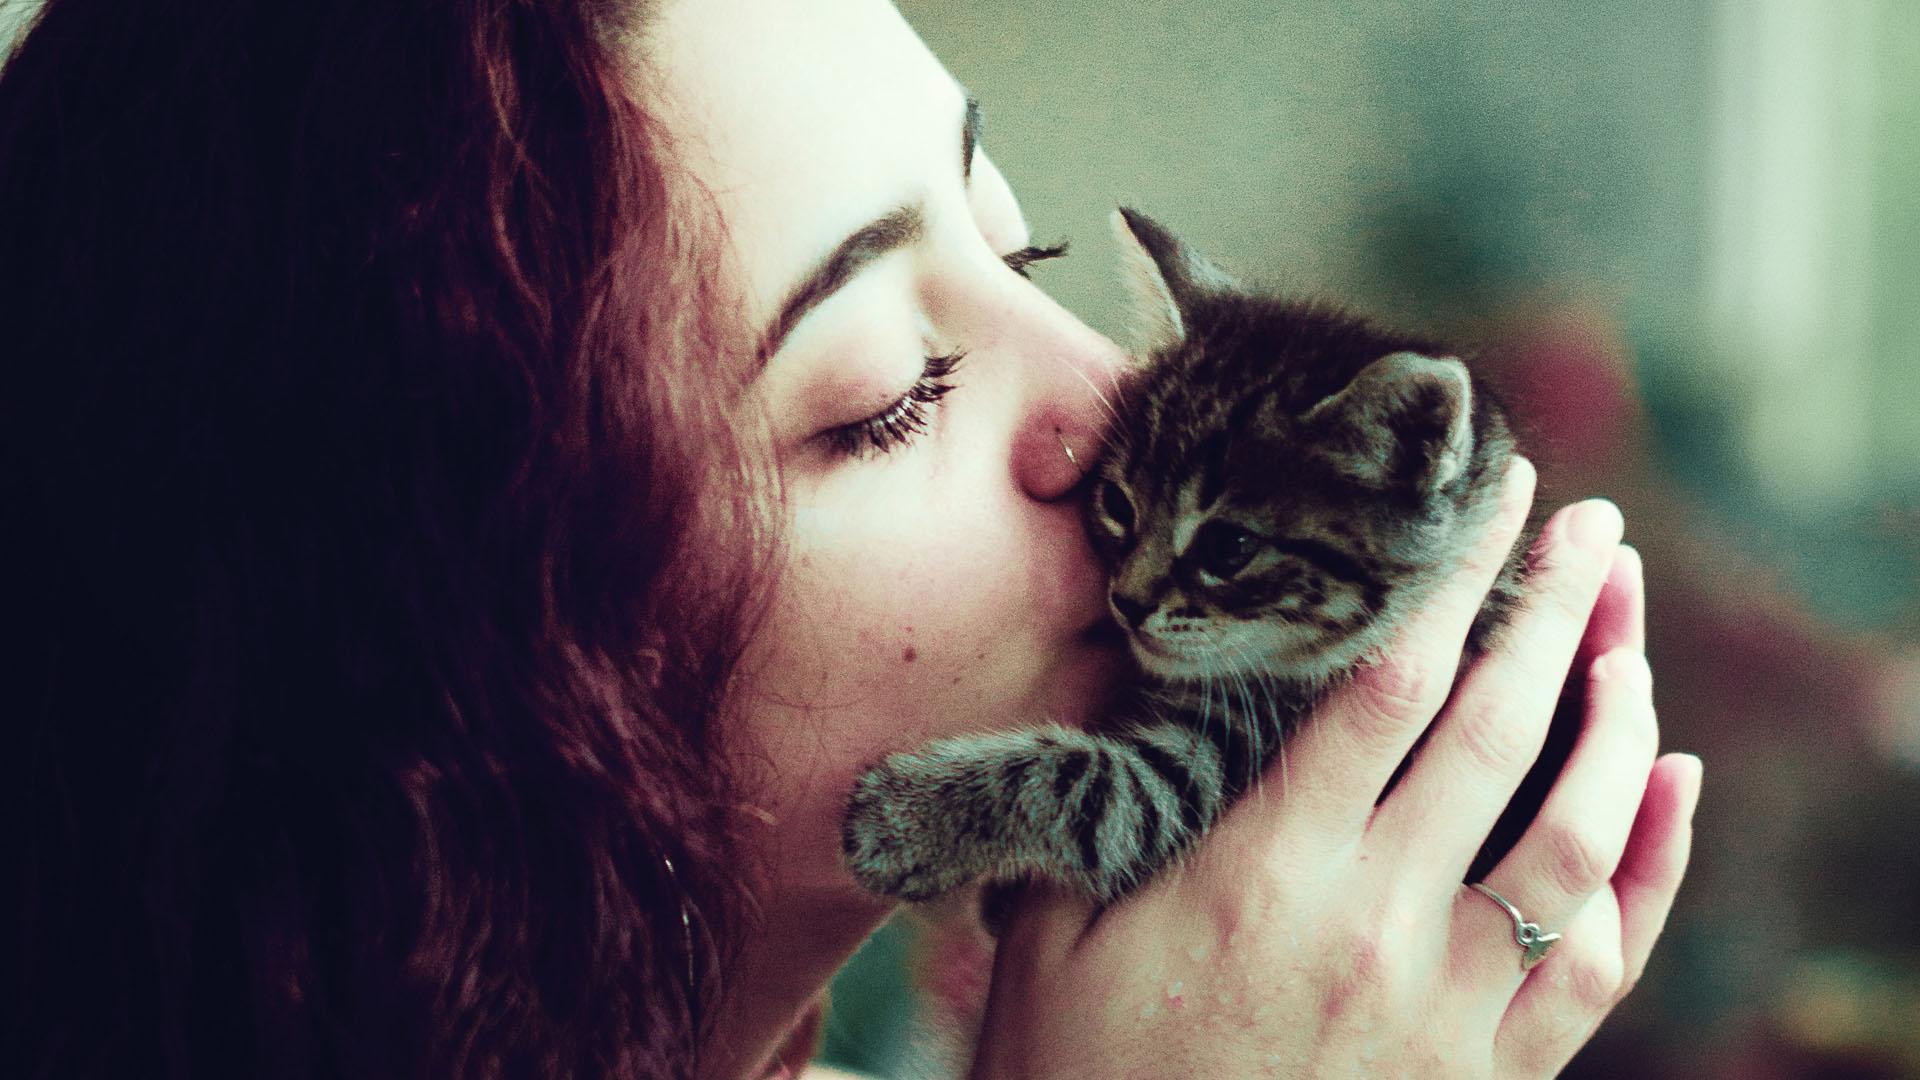 Beso a gato. Foto de Brad Lloyd / Unsplash